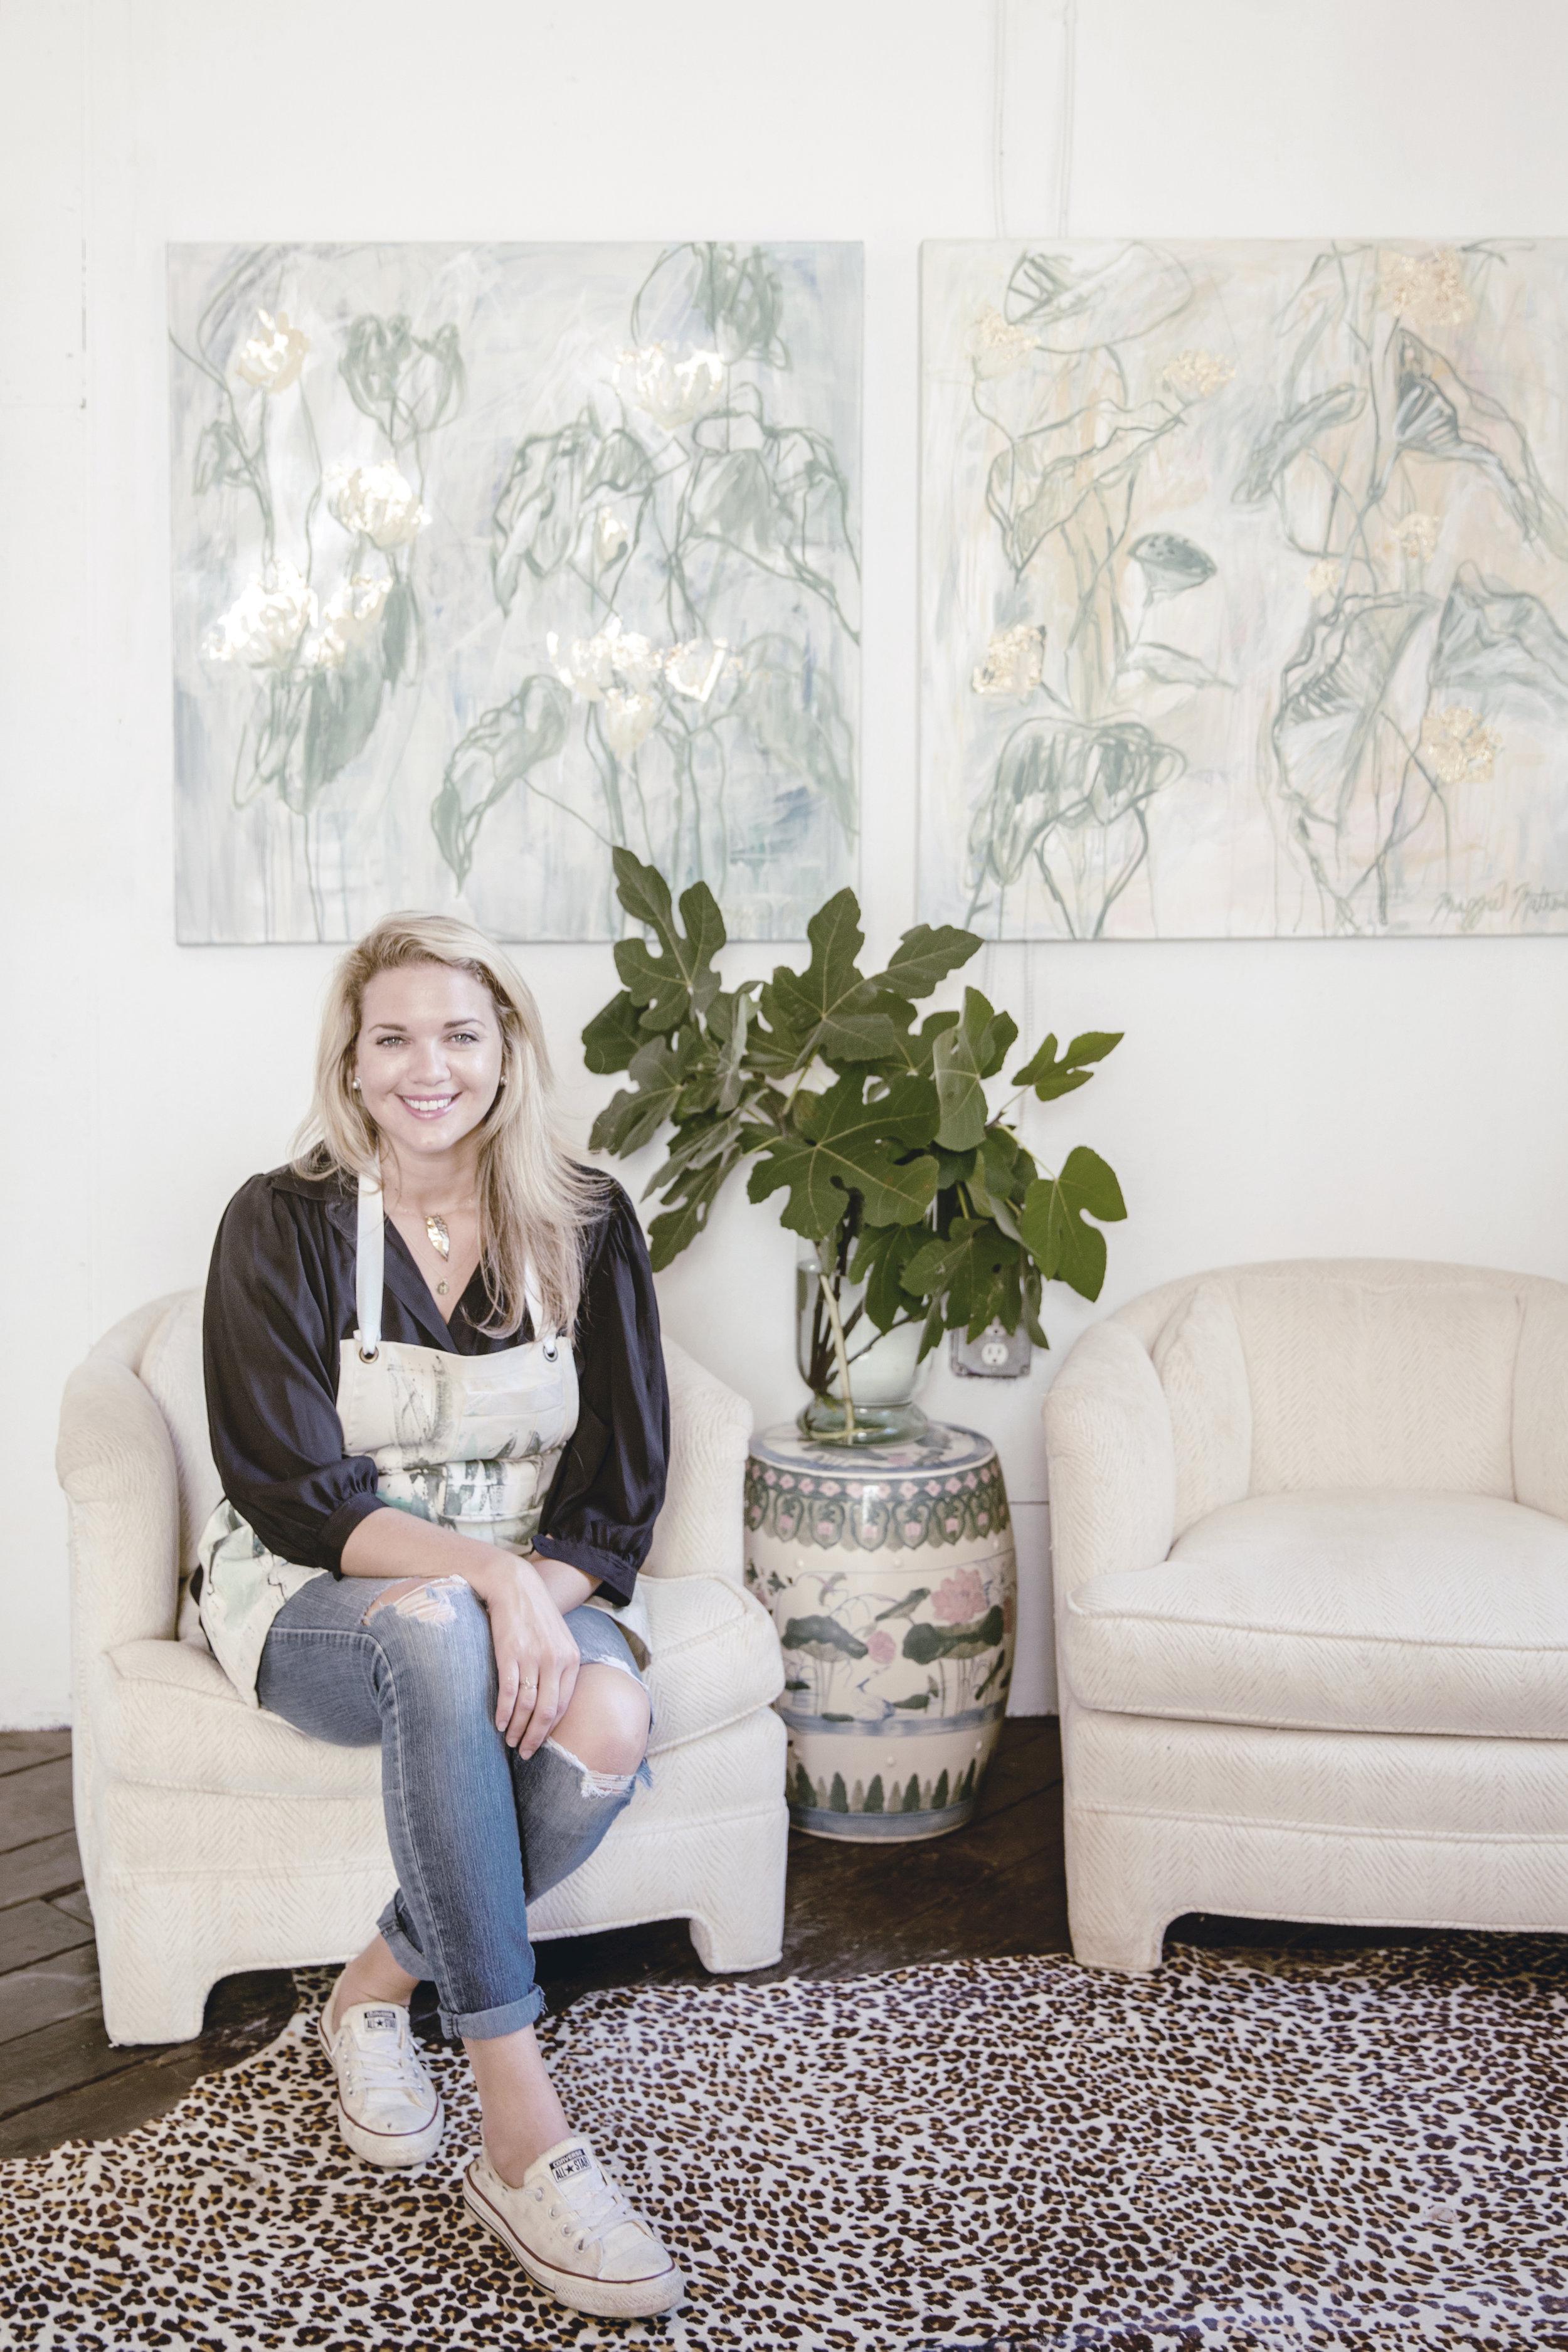 MEET ARTIST MAGGIE MATHEWS